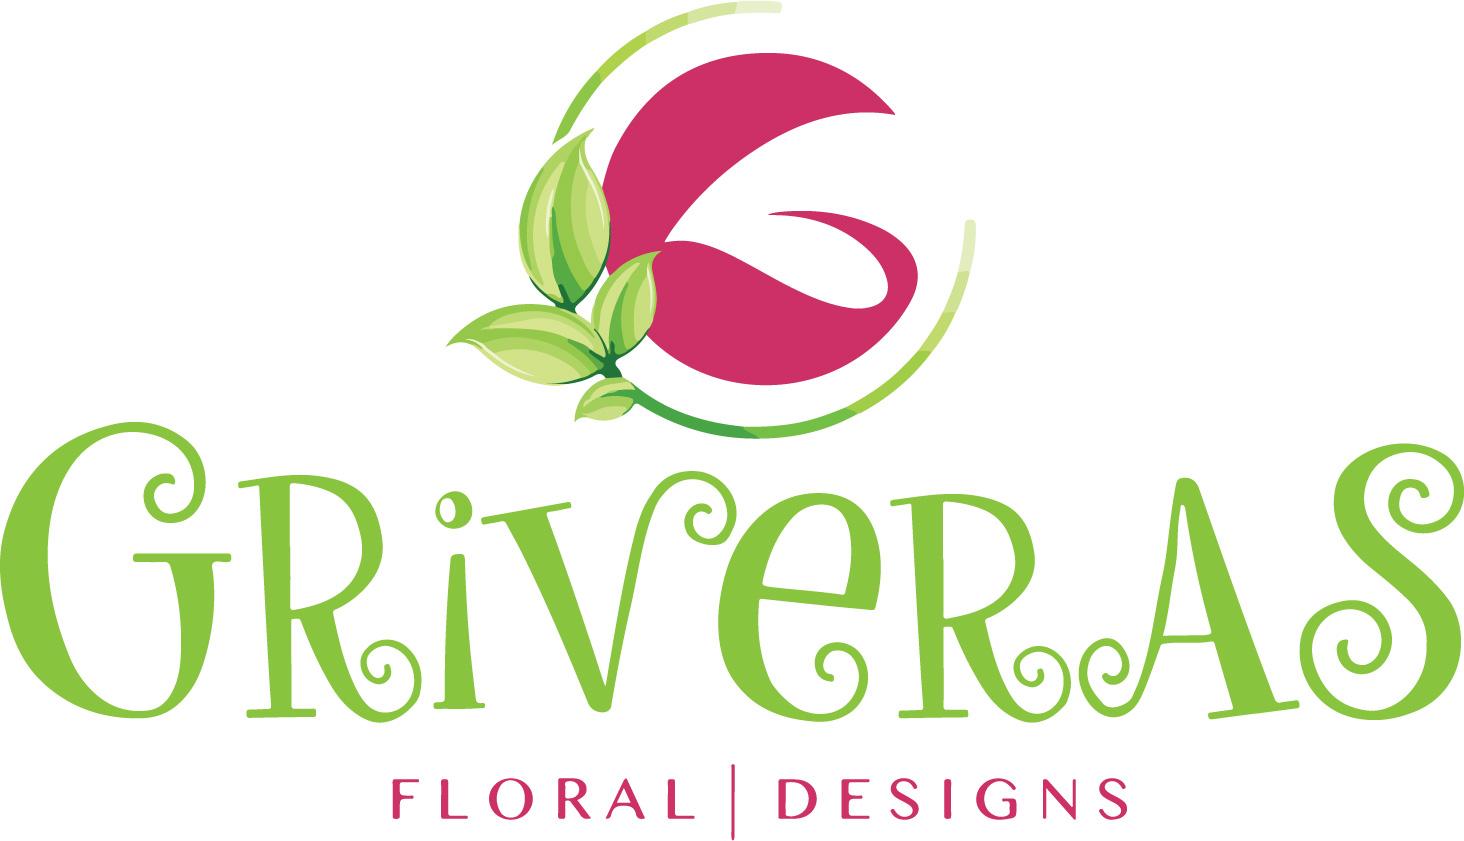 Griveras Floral Designs